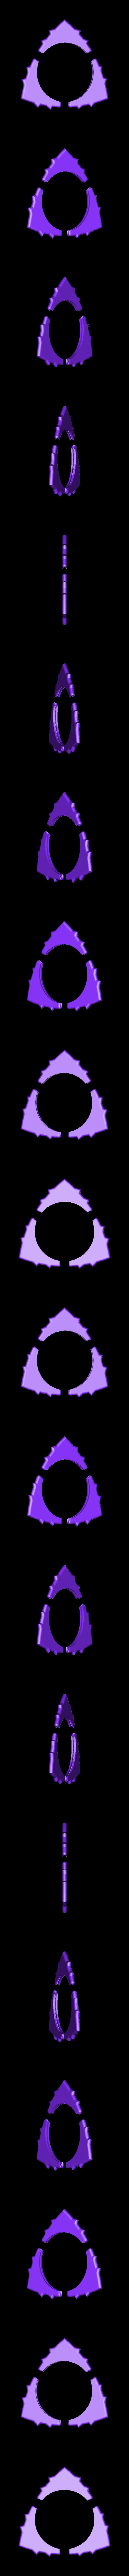 Flex TRIANGLE-DENT 1'50 diferencia 240520 08.stl Télécharger fichier STL gratuit FlexiPick By eXiMIenTa® TRIANGLE-DENT Guitar Pick • Objet à imprimer en 3D, carleslluisar